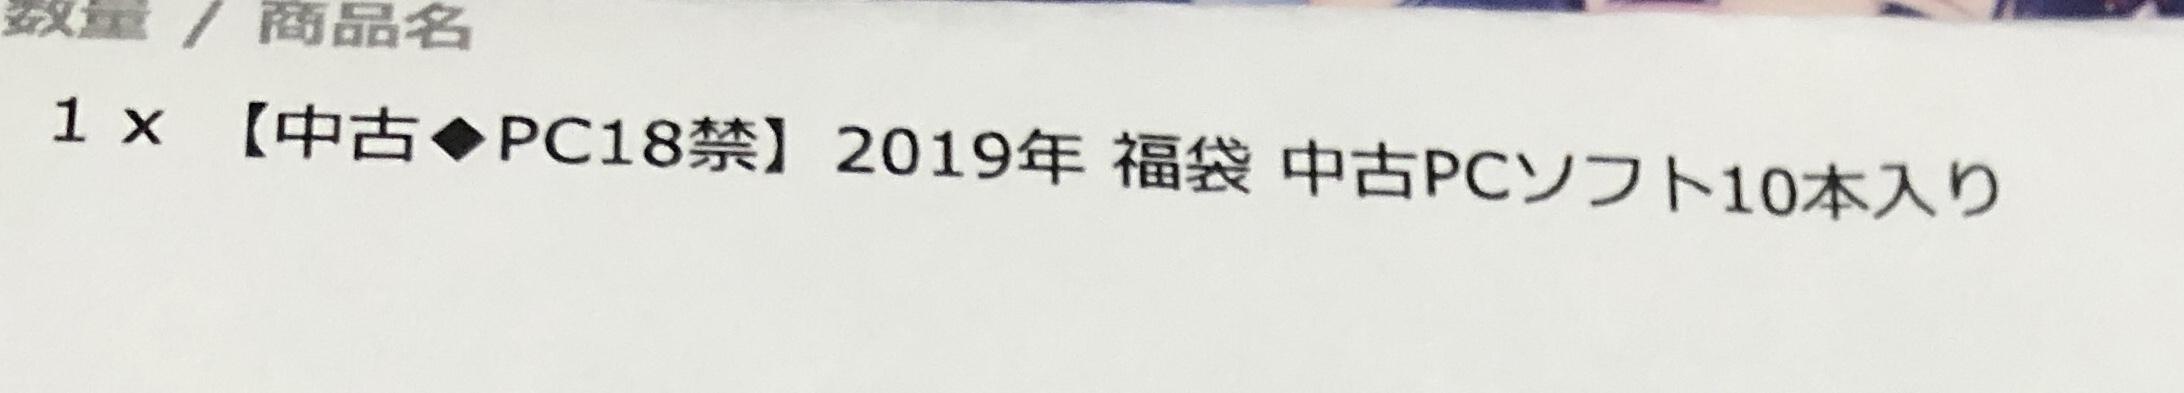 20190102210021fd6.jpg